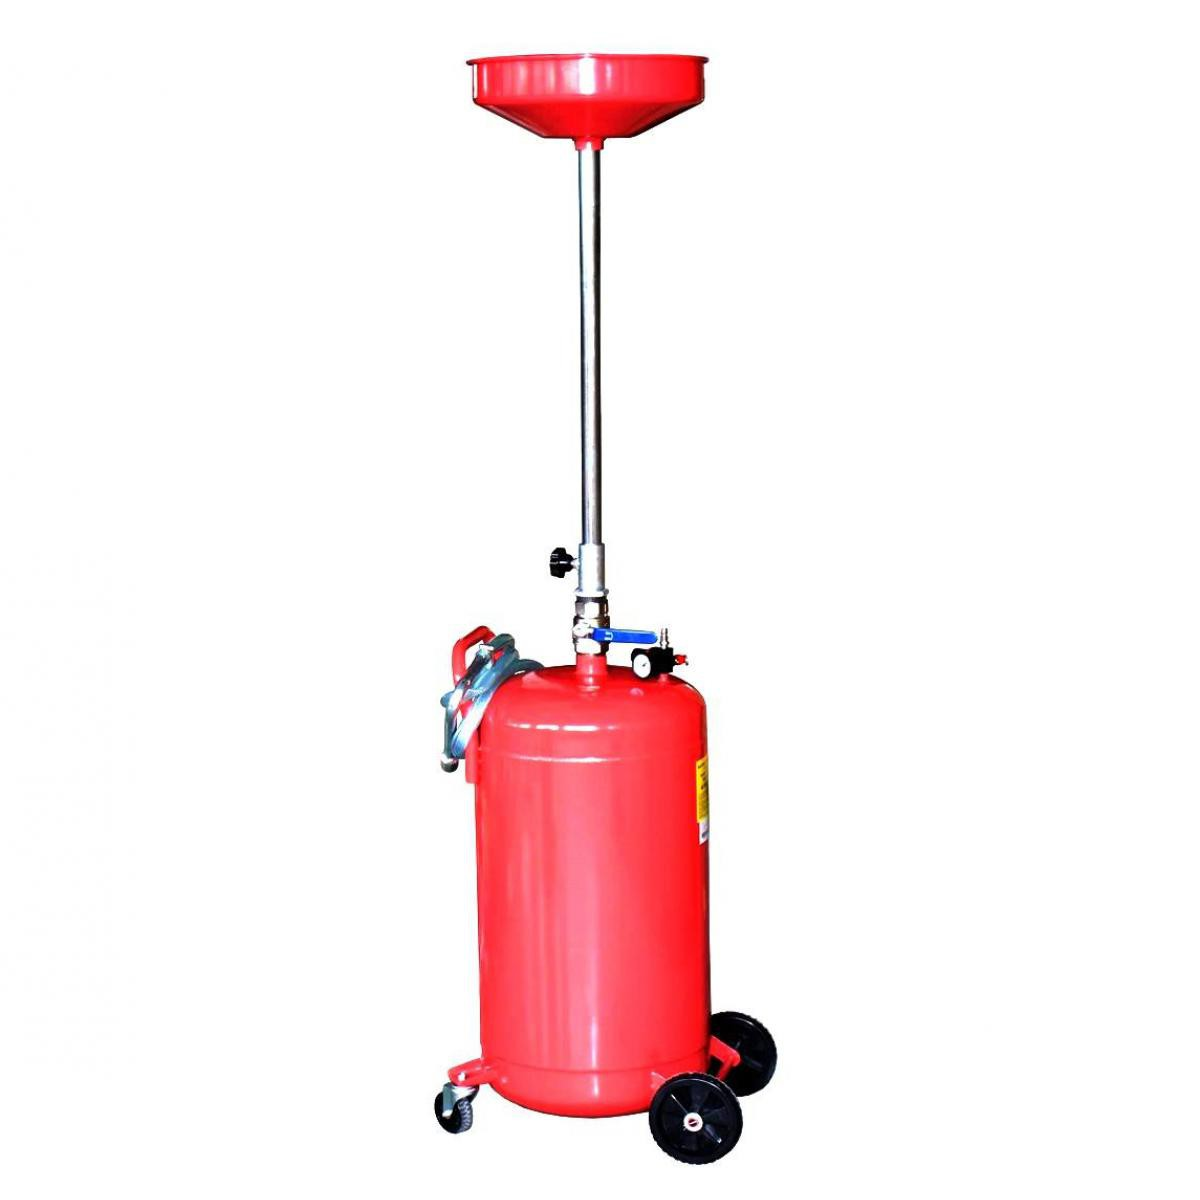 Varanmotors Varan Motors - NEOLD-17 Récupérateur d'huile de vidange pneumatique 80 litres